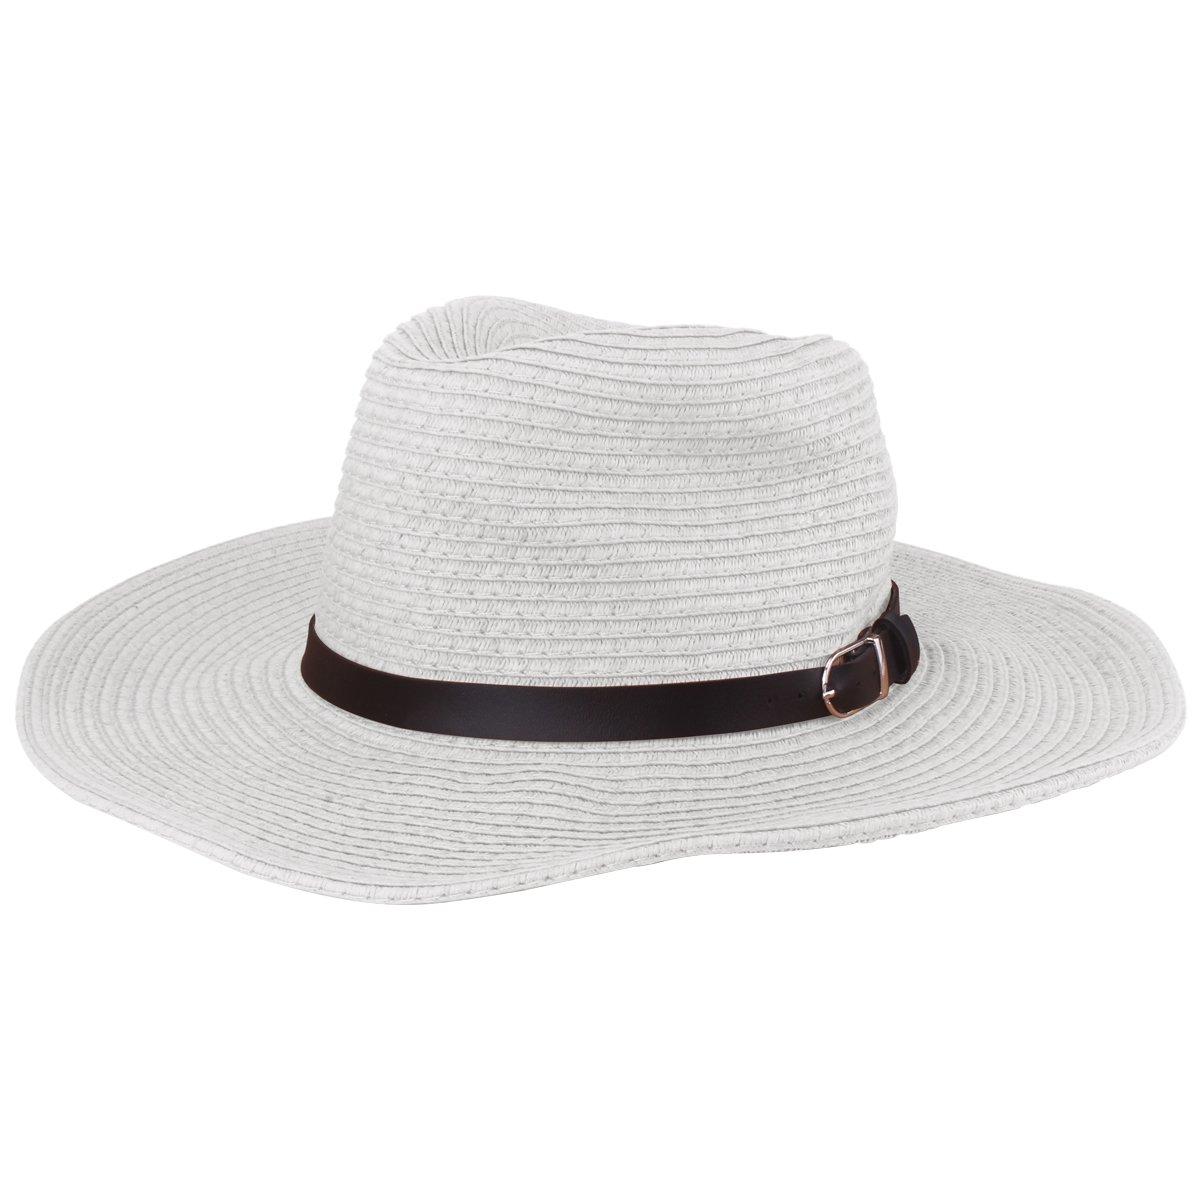 Cappello da donna da donna Cappello di paglia da donna Cappellino rotondo con visiera piatta Cappello di paglia estivo